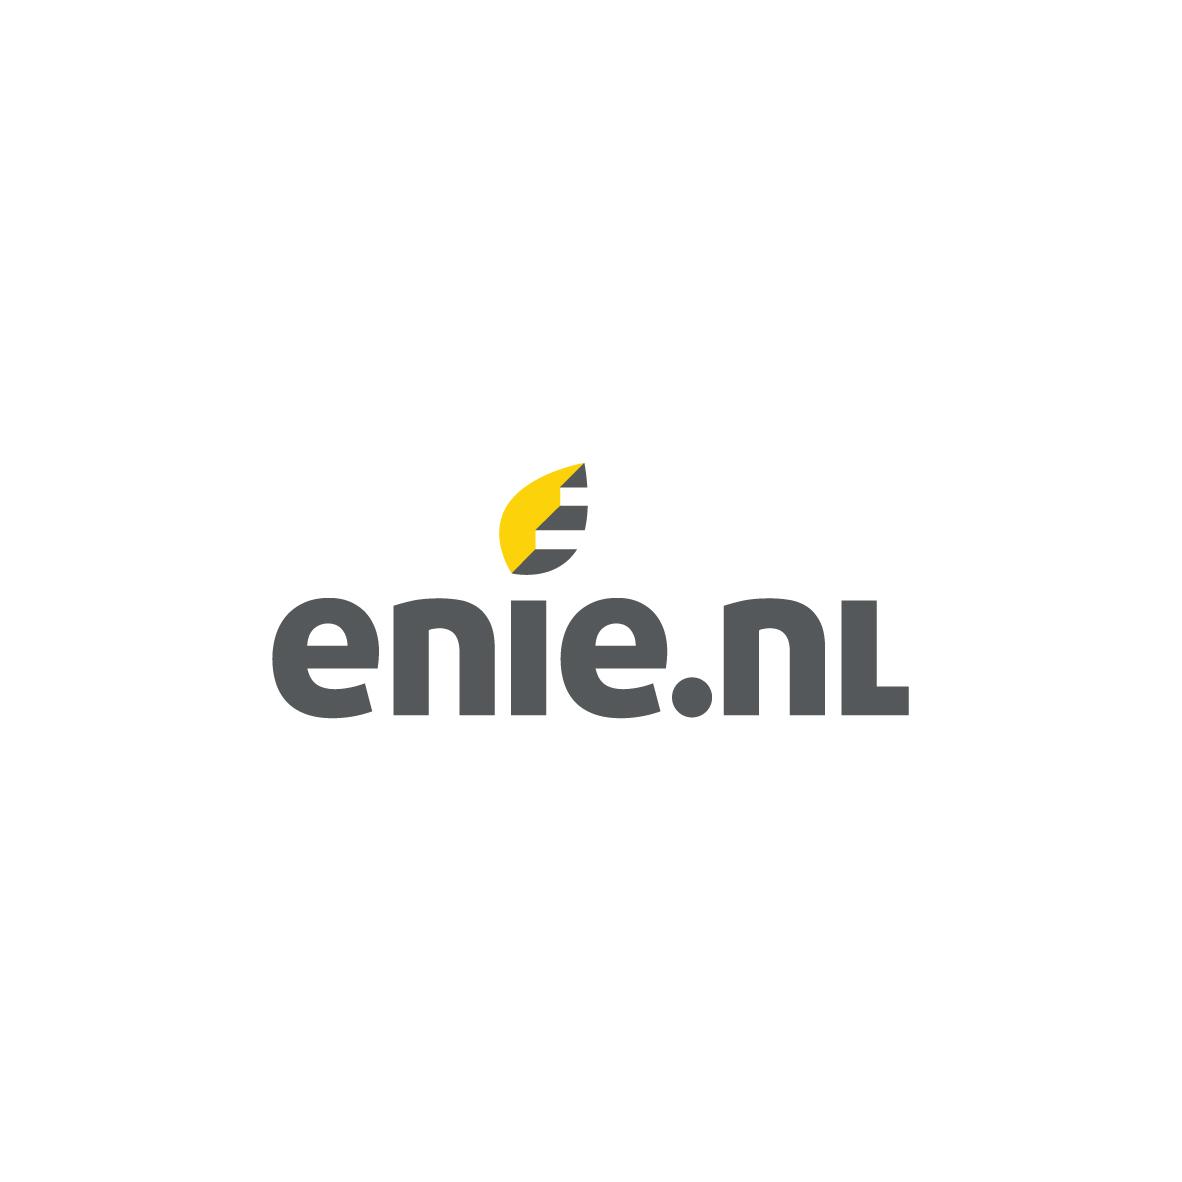 Enie.nl's logo